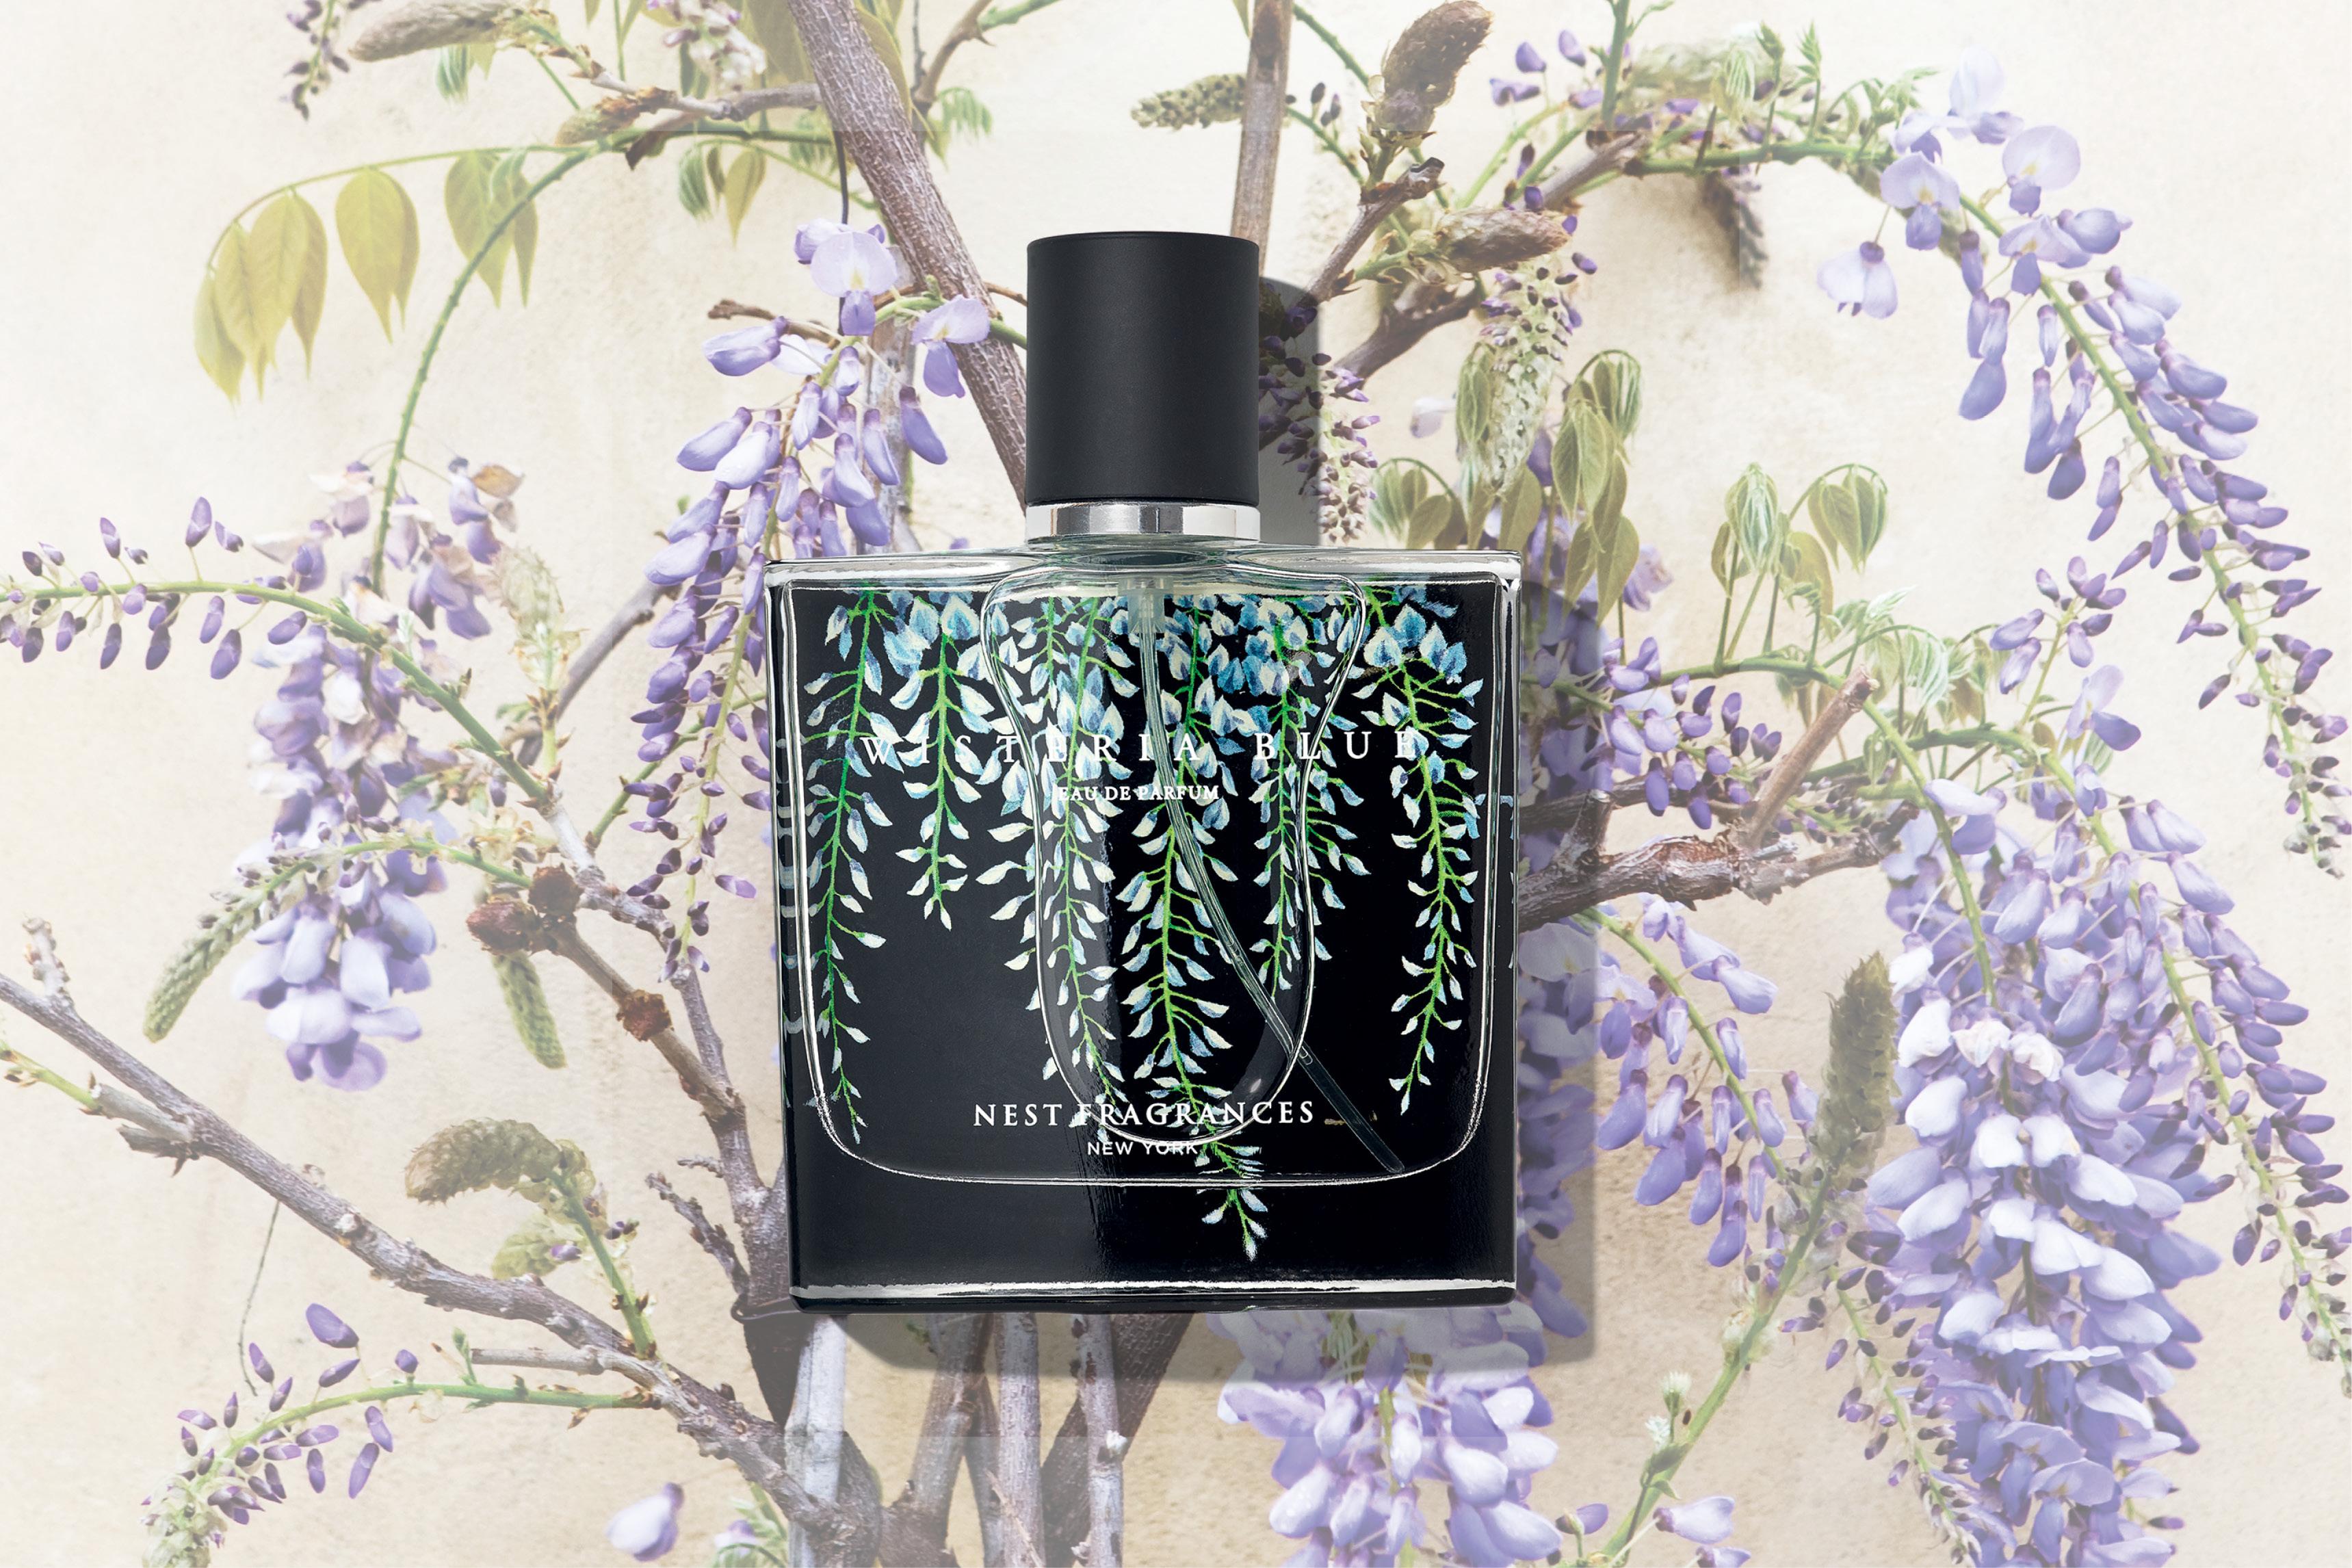 39444b93-eb00-405f-bfd8-b213821d328b-nest-perfume-jpg